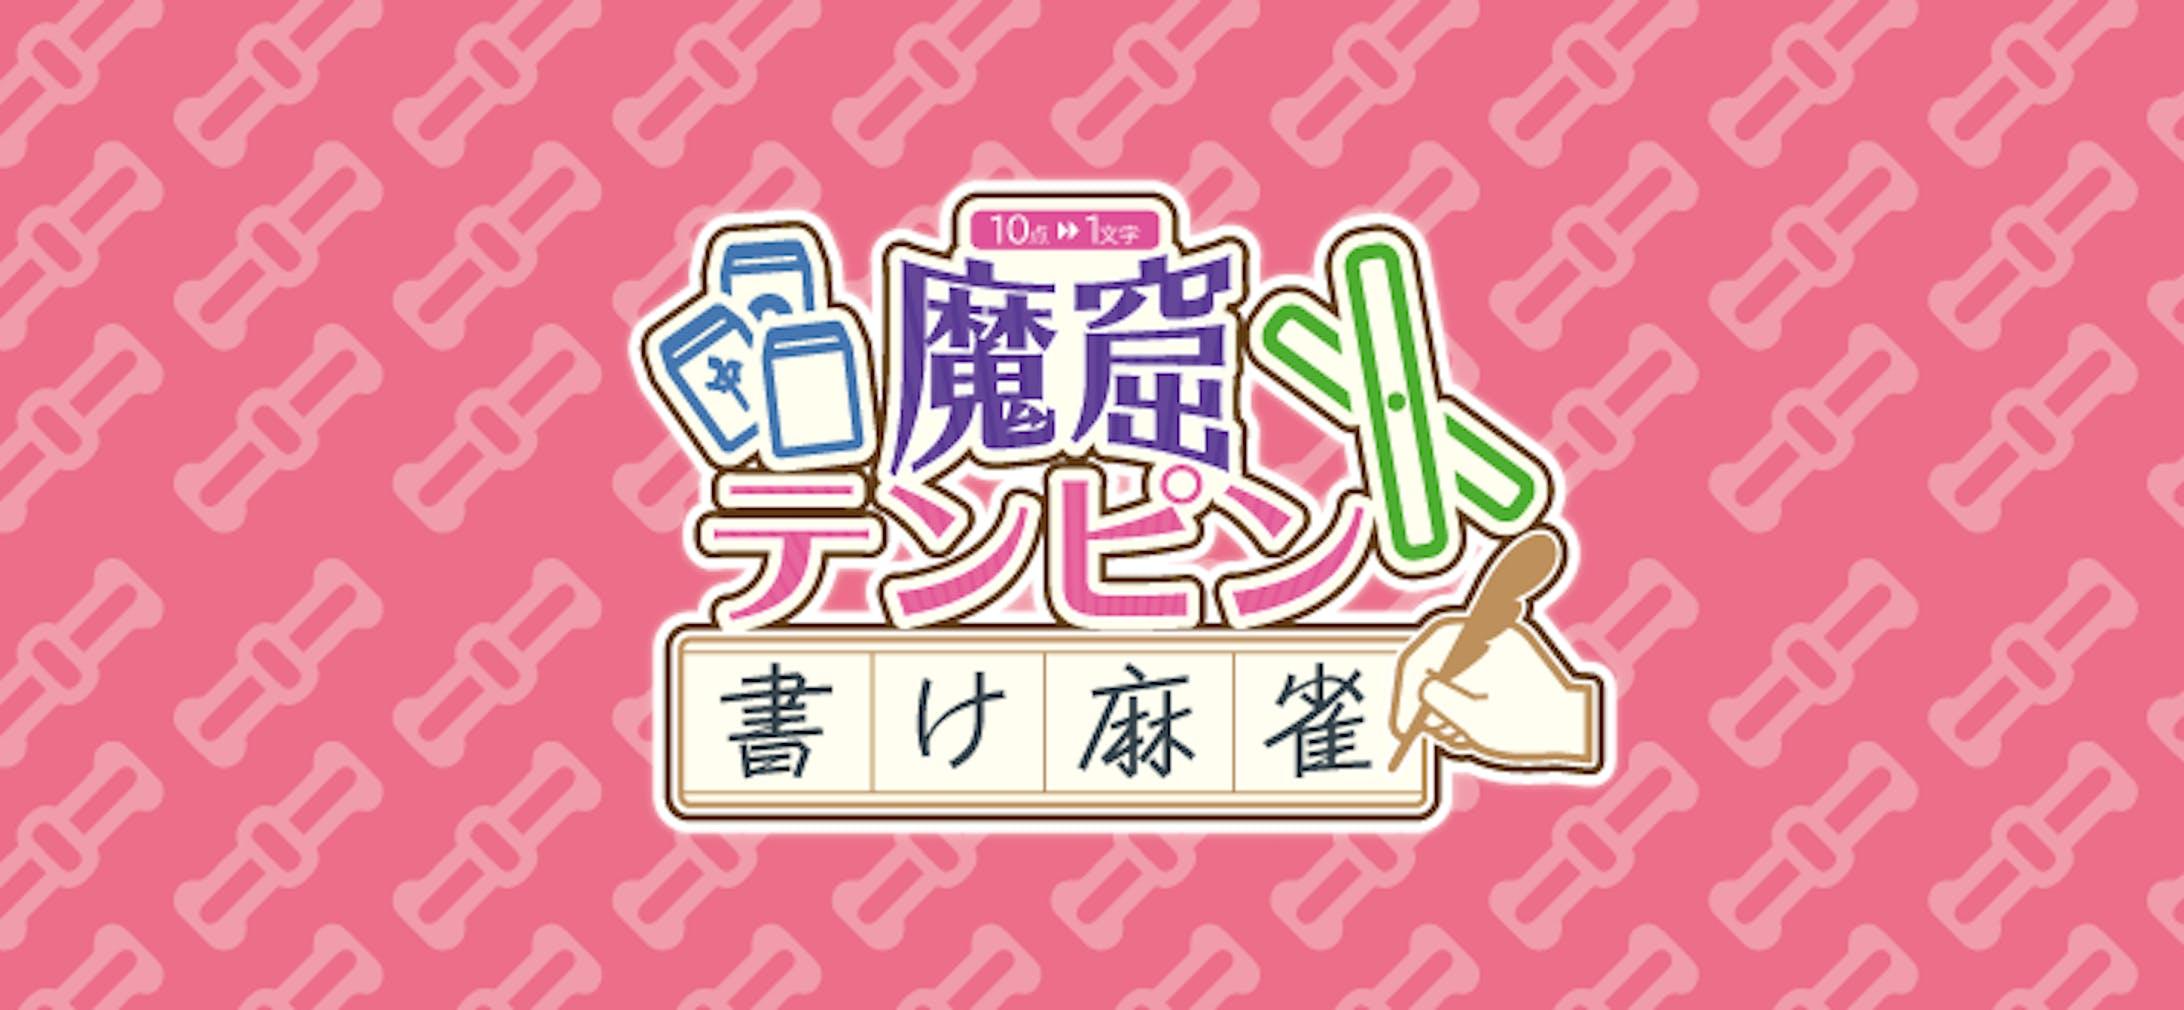 魔窟テンピン書け麻雀 ロゴ-1